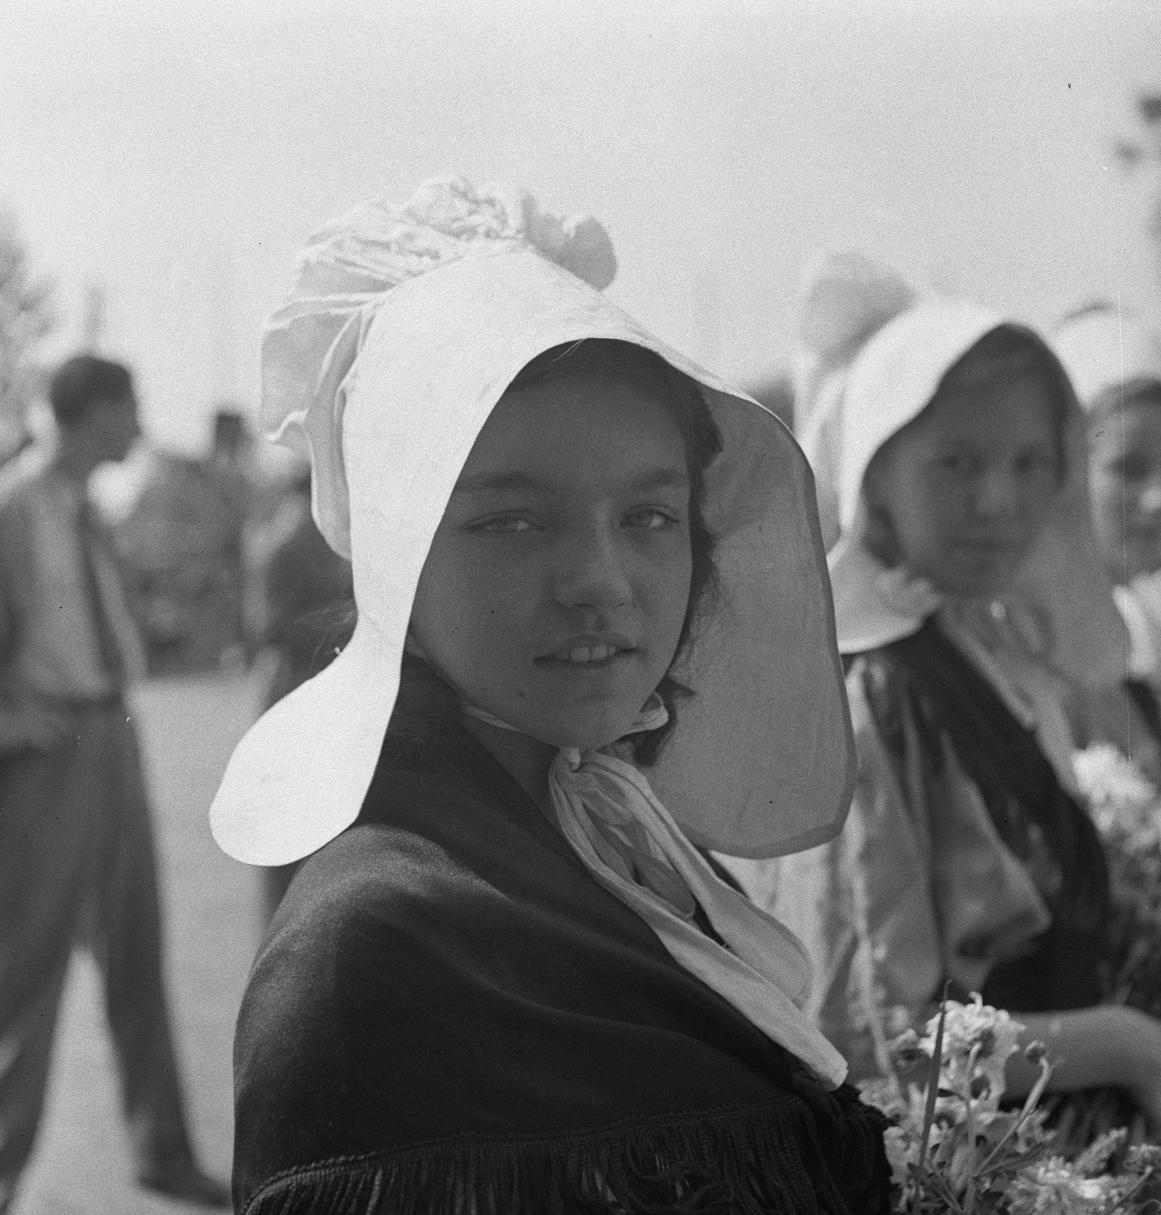 09. Некоторые девушки надели традиционные головные уборы прибрежной Нормандии